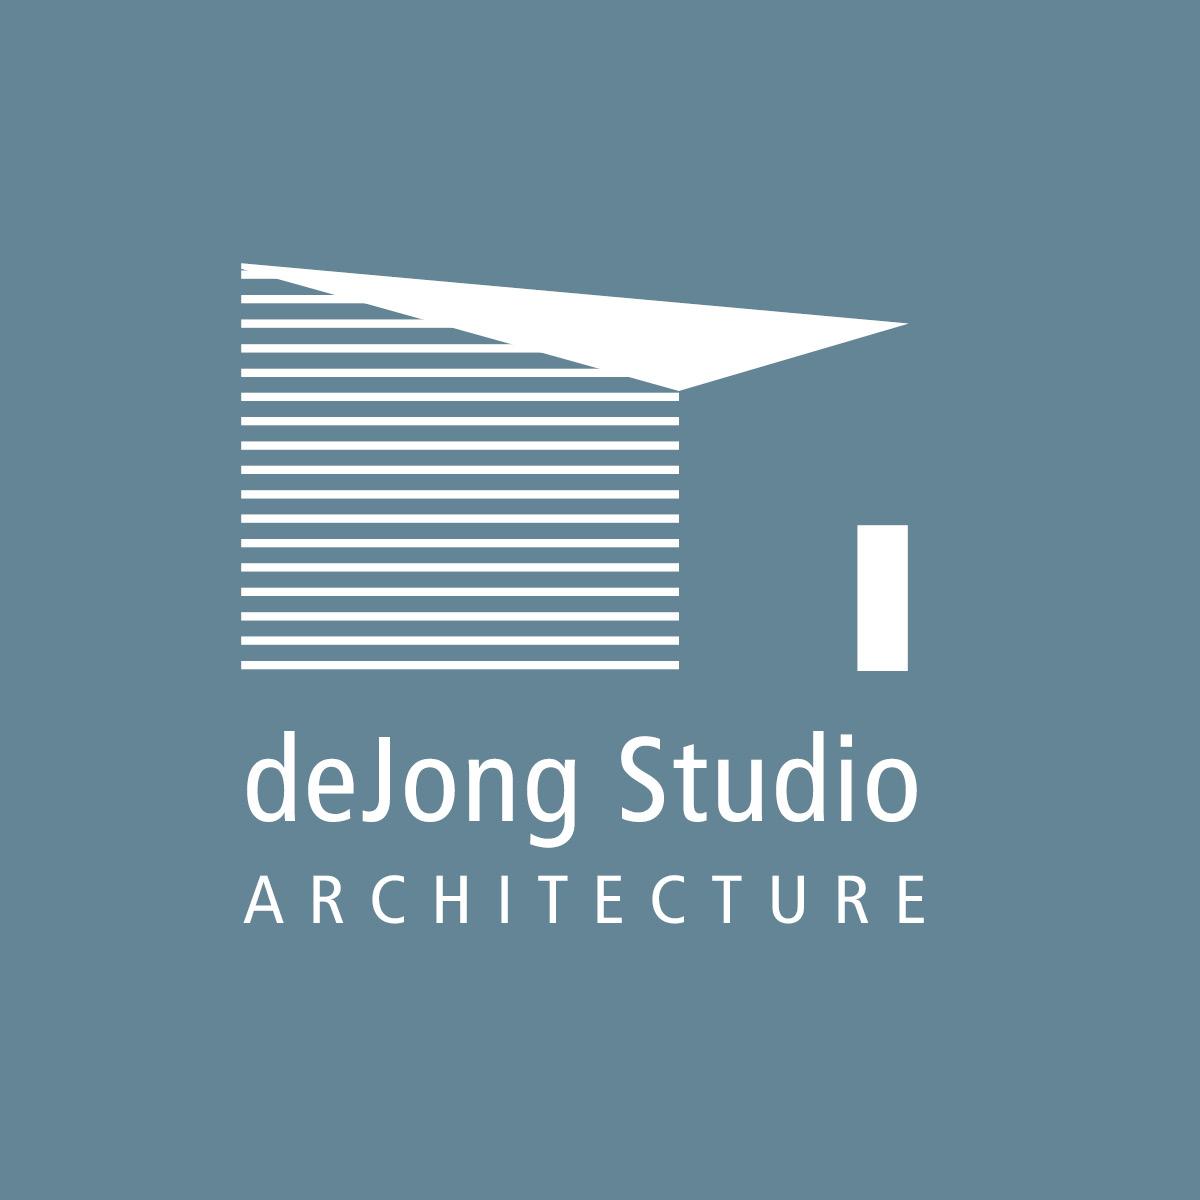 deJong Studio | Architecture